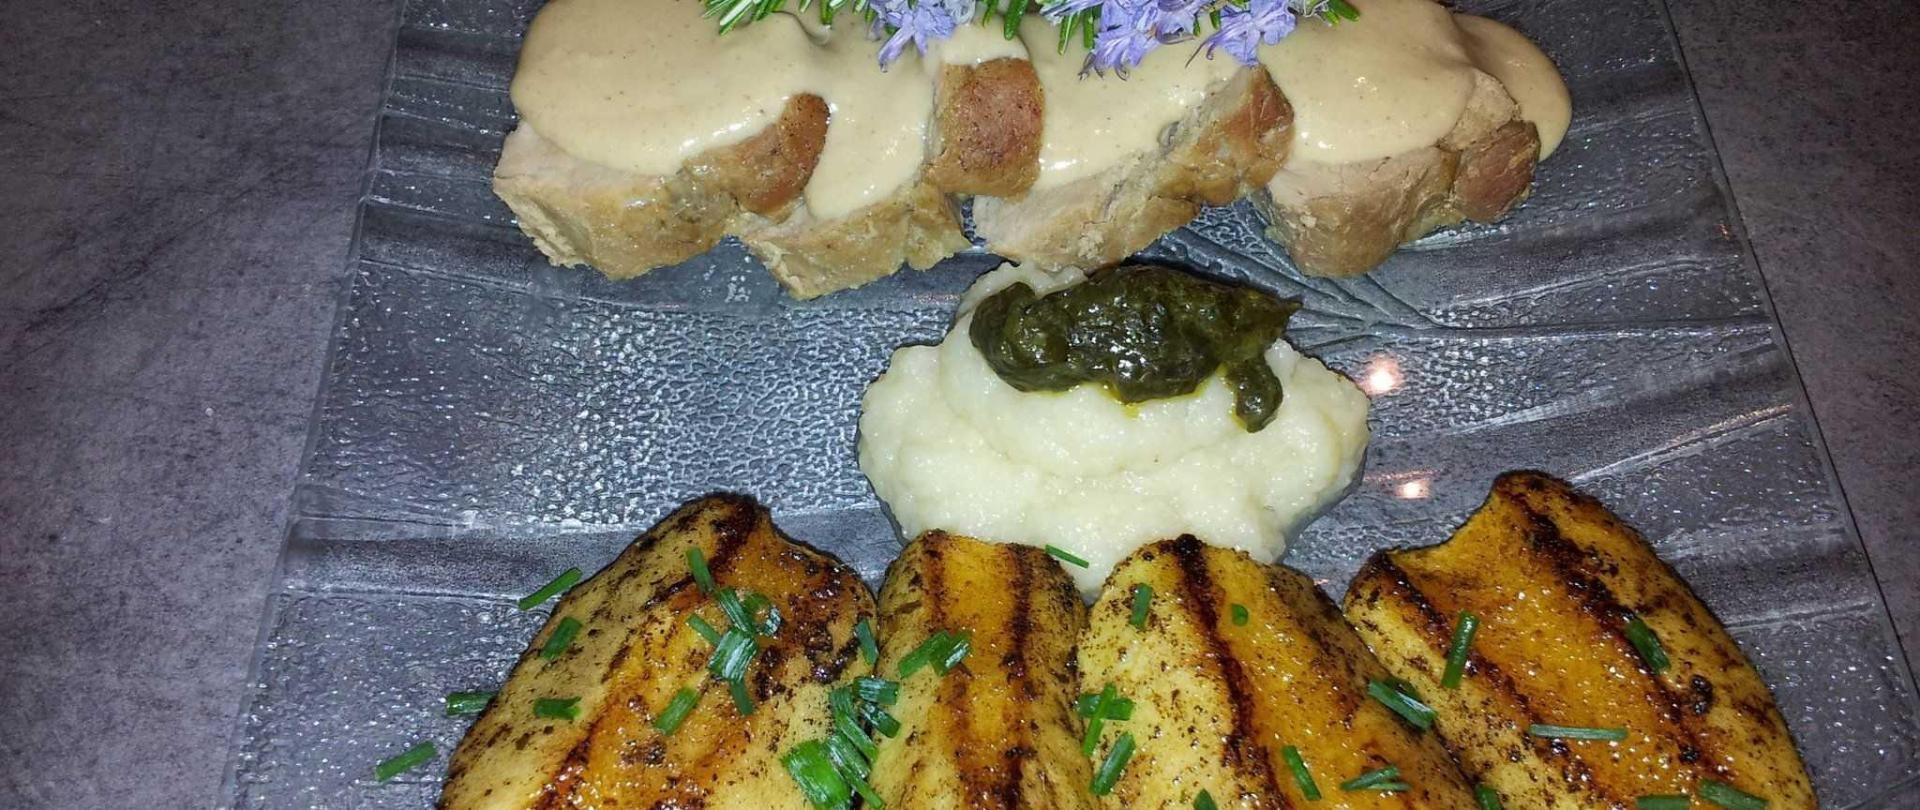 filet-mignon-sauce-aux-olives-et-pommes-r-ties-1.jpg